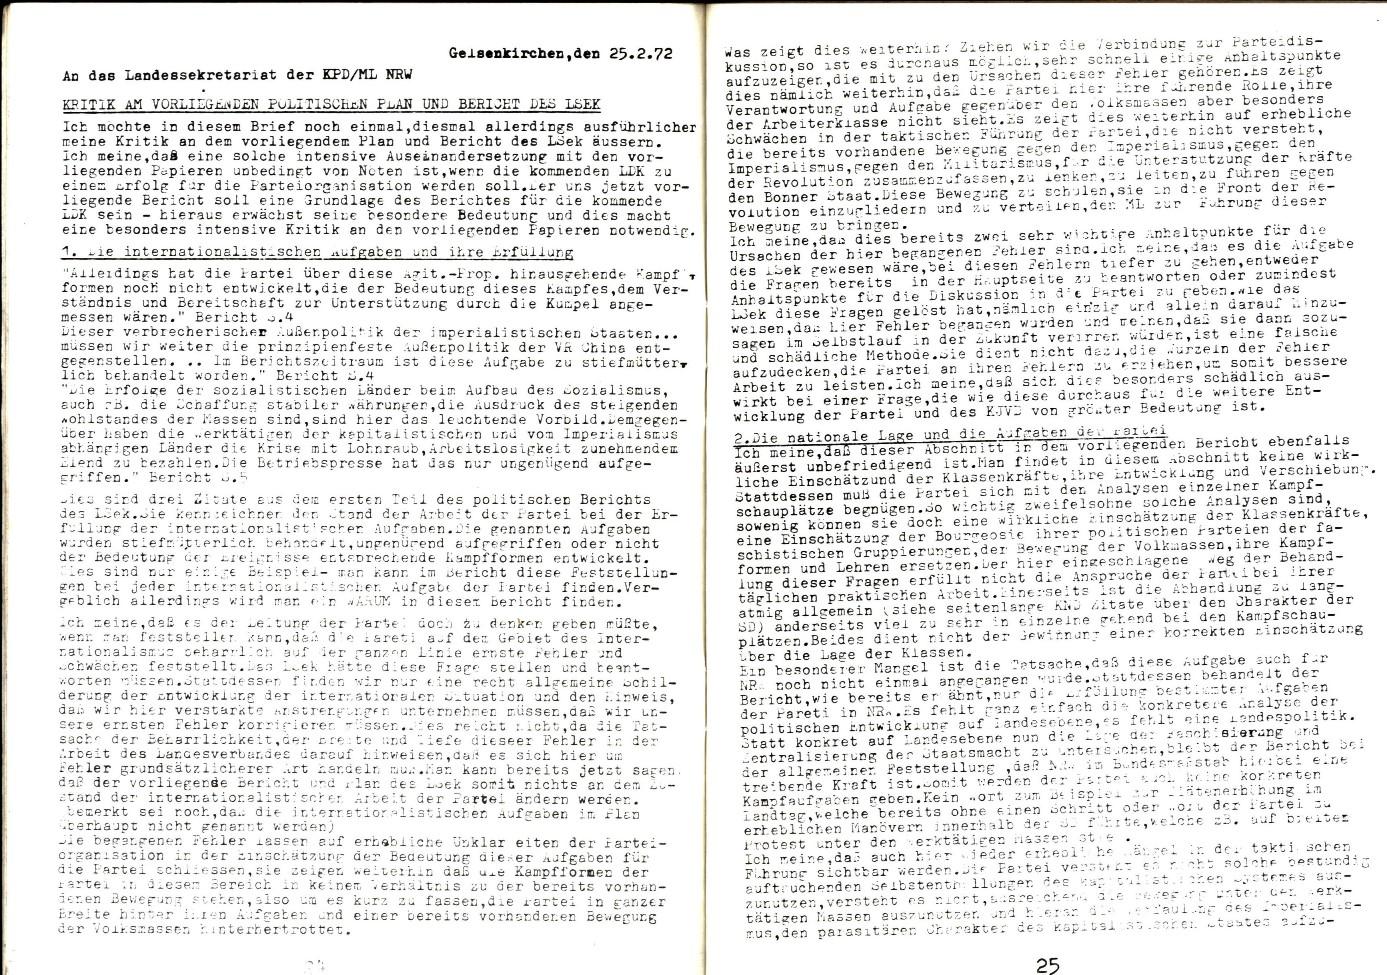 NRW_KPDML_Der_Bolschewist_1972_04_14